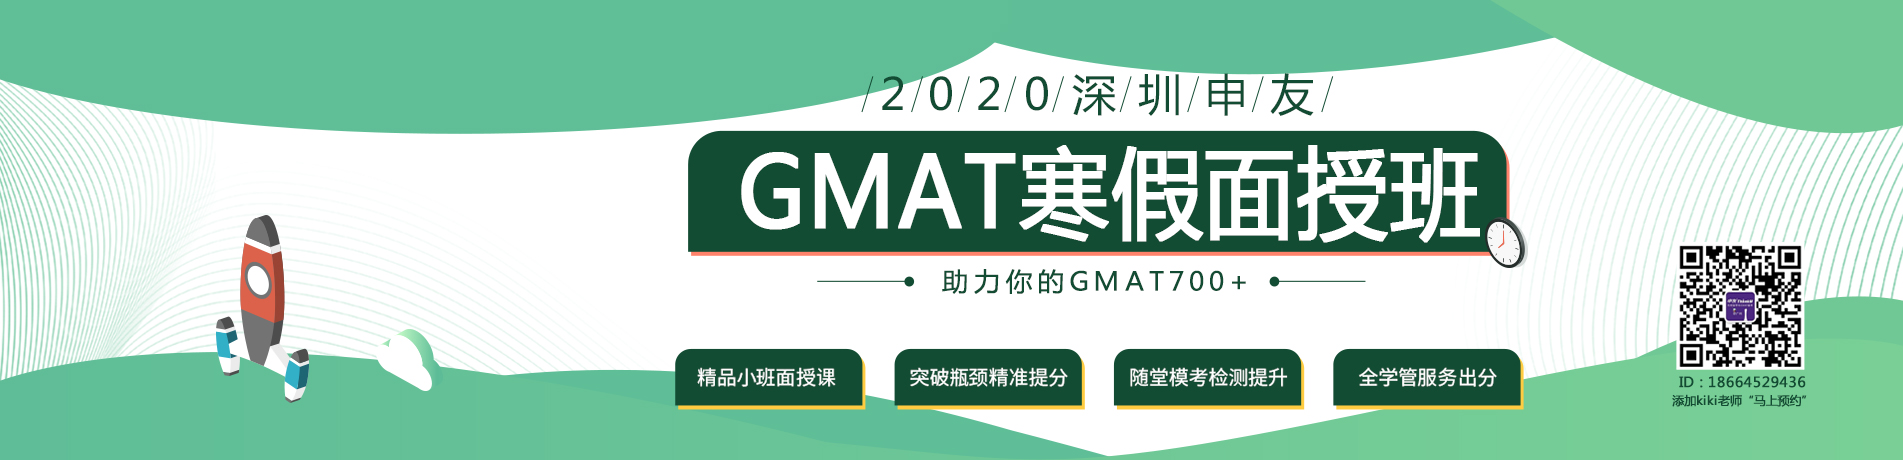 深圳申友GMAT寒假提分面授班